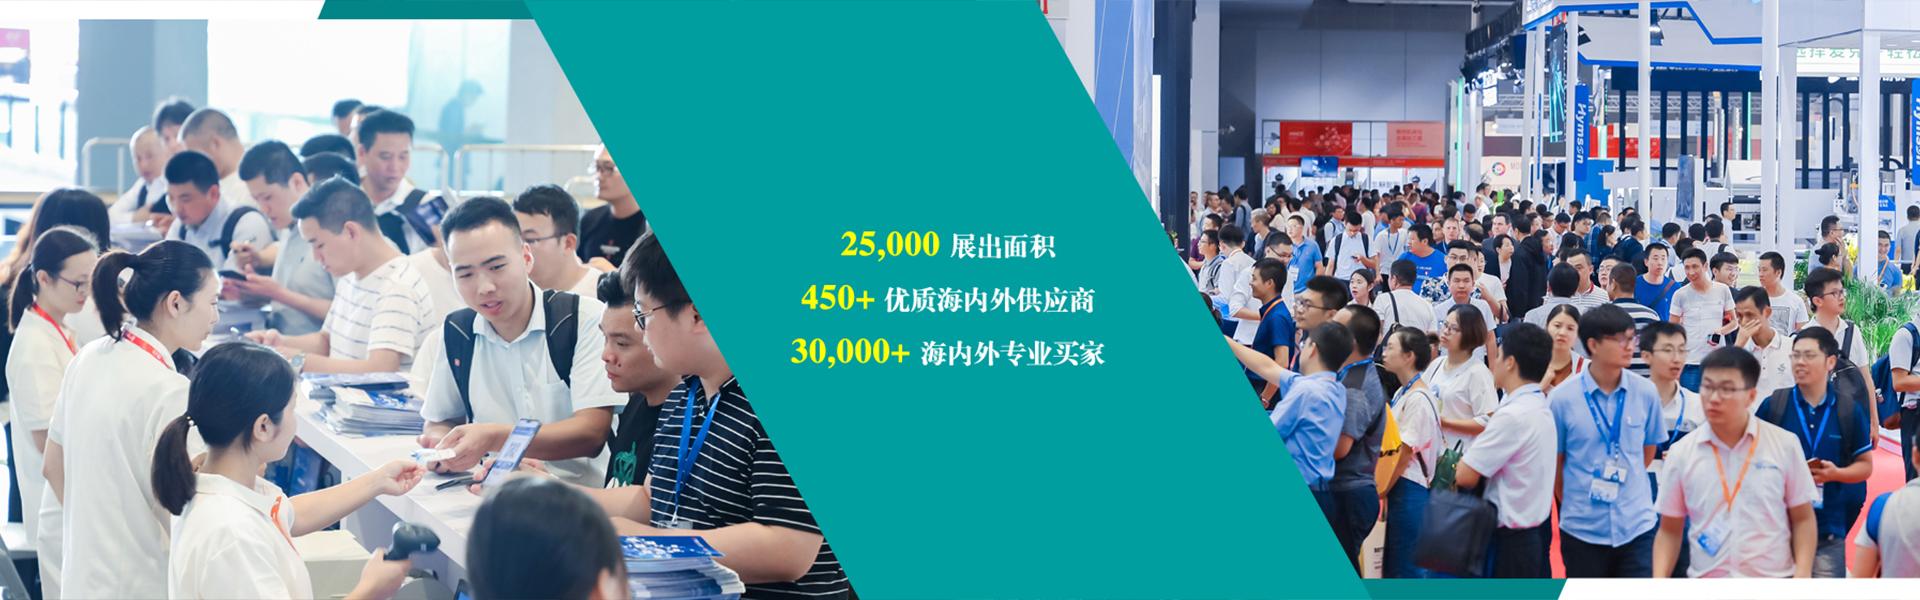 2022湖南(长沙)国际工业陶瓷展览会|2022陶瓷展-会刊参展商名单名录